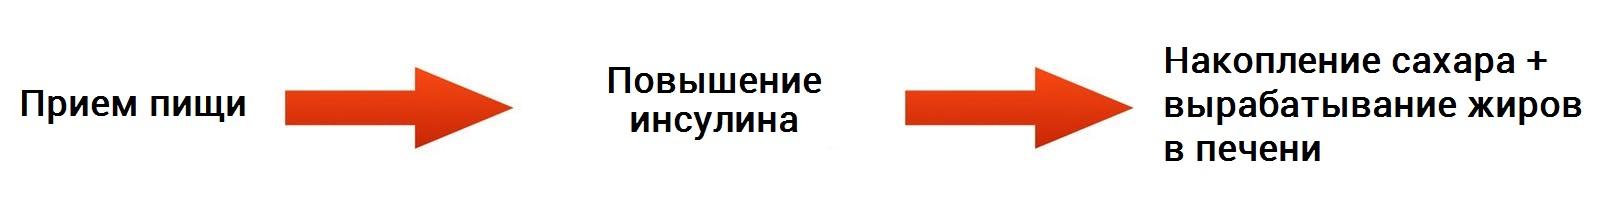 интервальное голодание схема 16/8